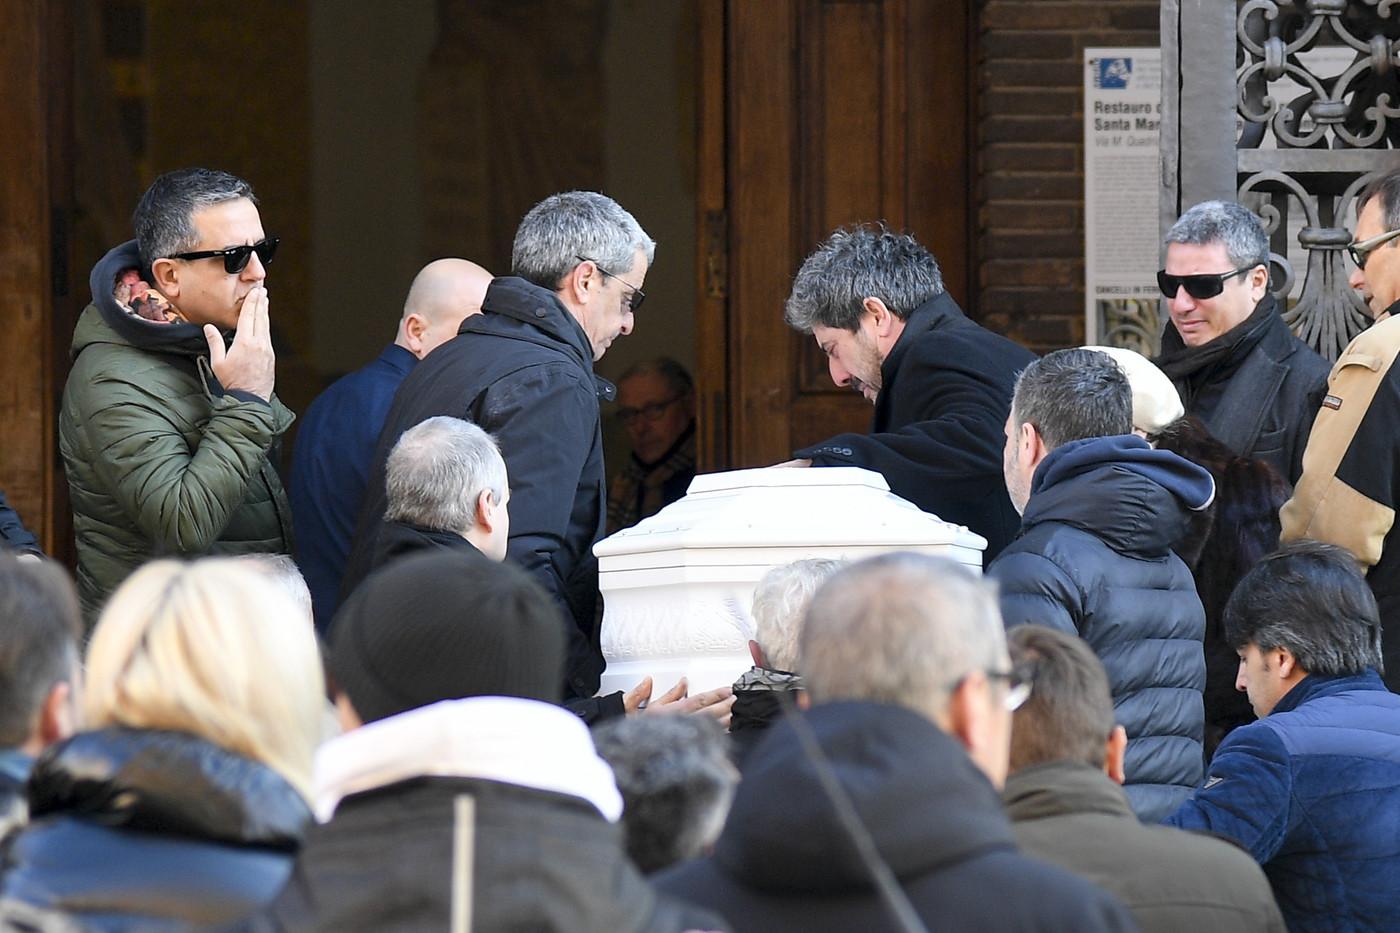 A Roma, i funerali di Camilla, la bambina morta sulle piste di sci